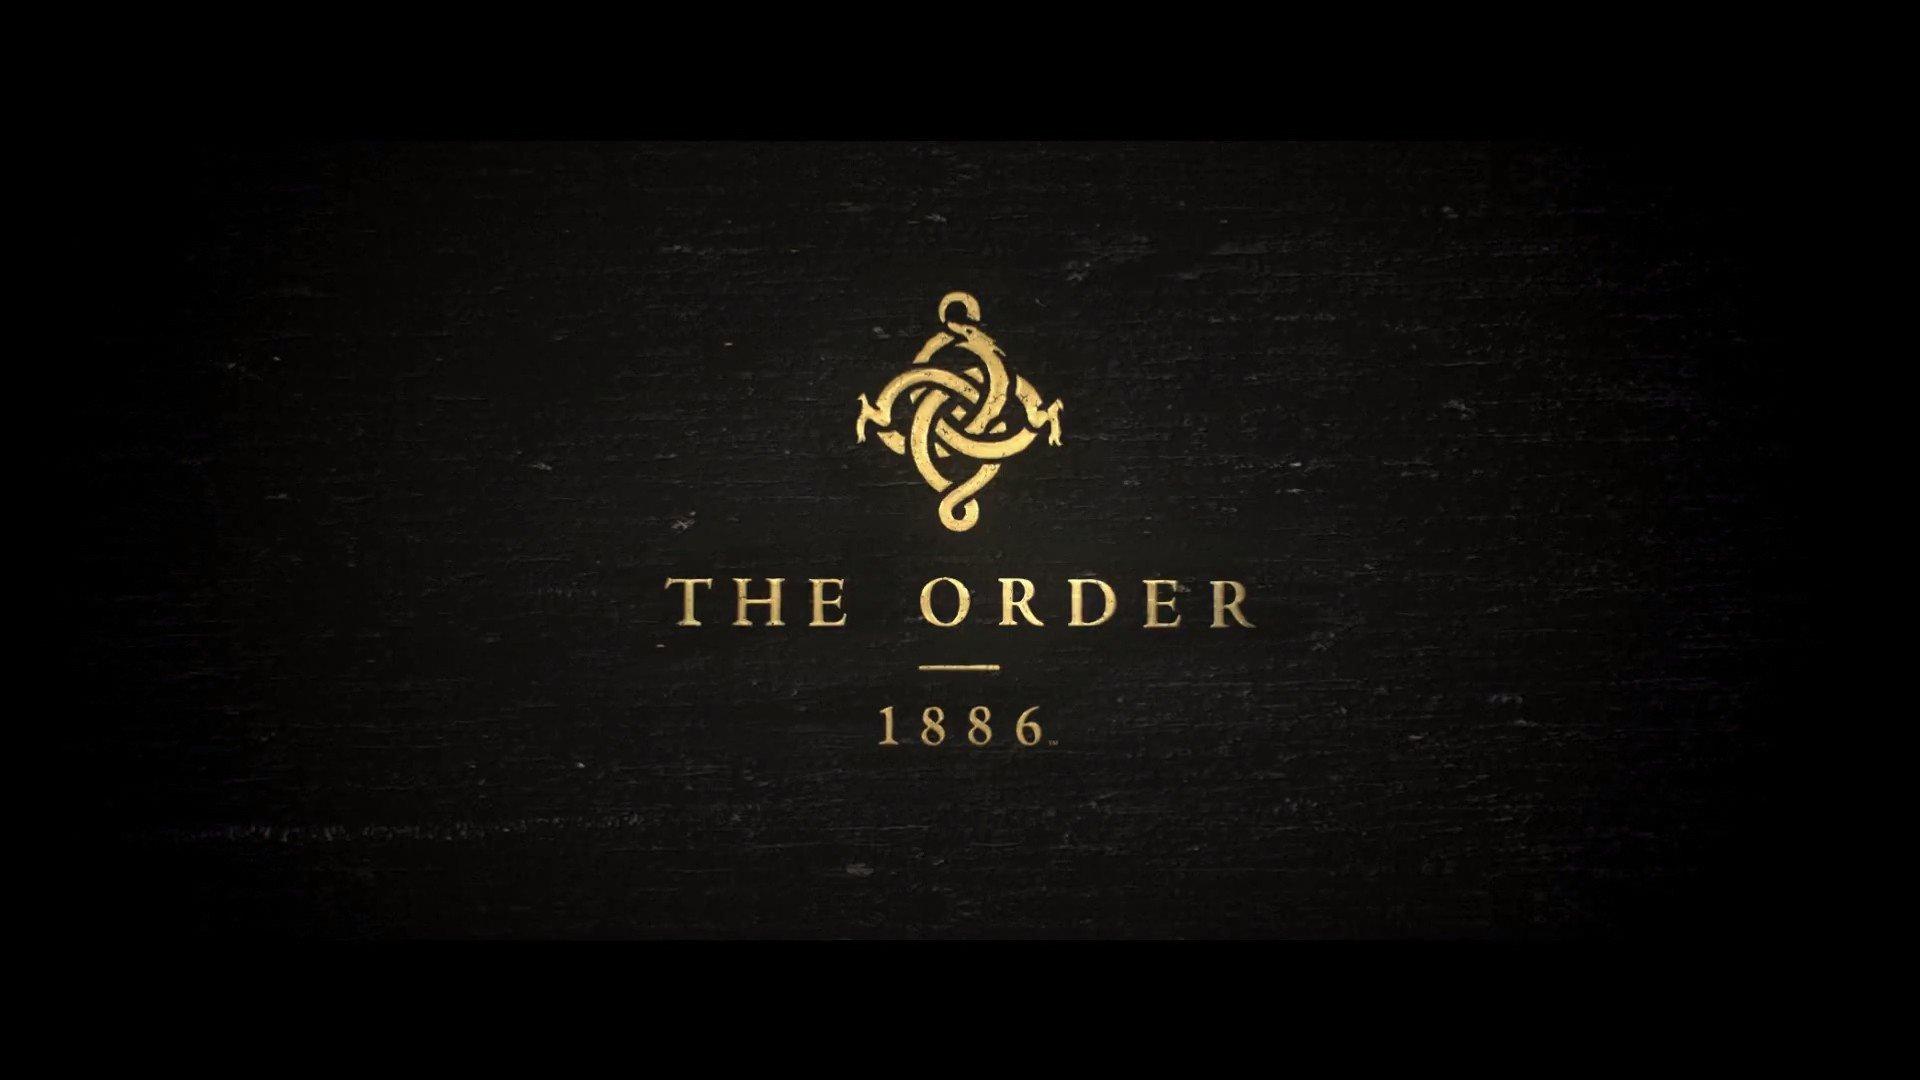 The Order: 1886, Logo Wallpaper